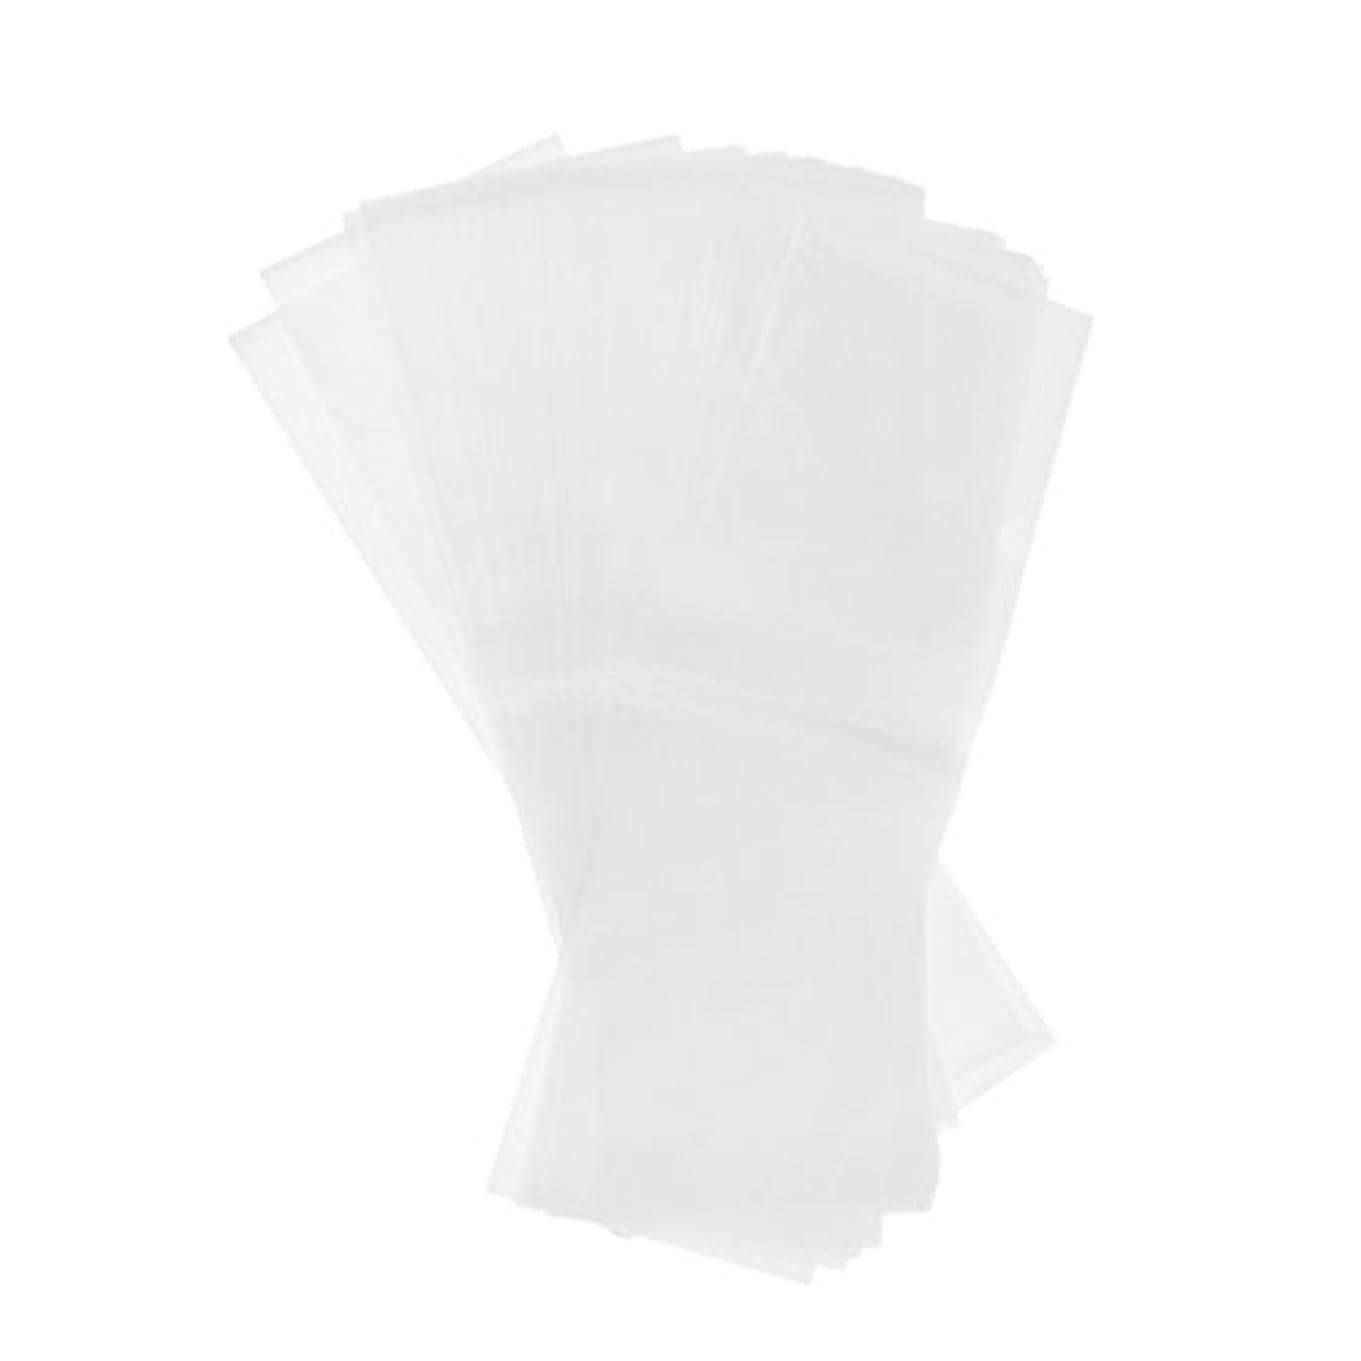 冷凍庫恩赦バラエティ約100個 毛染め サロン プラスチック 染毛紙 色のハイライト 分離シート 再利用可能